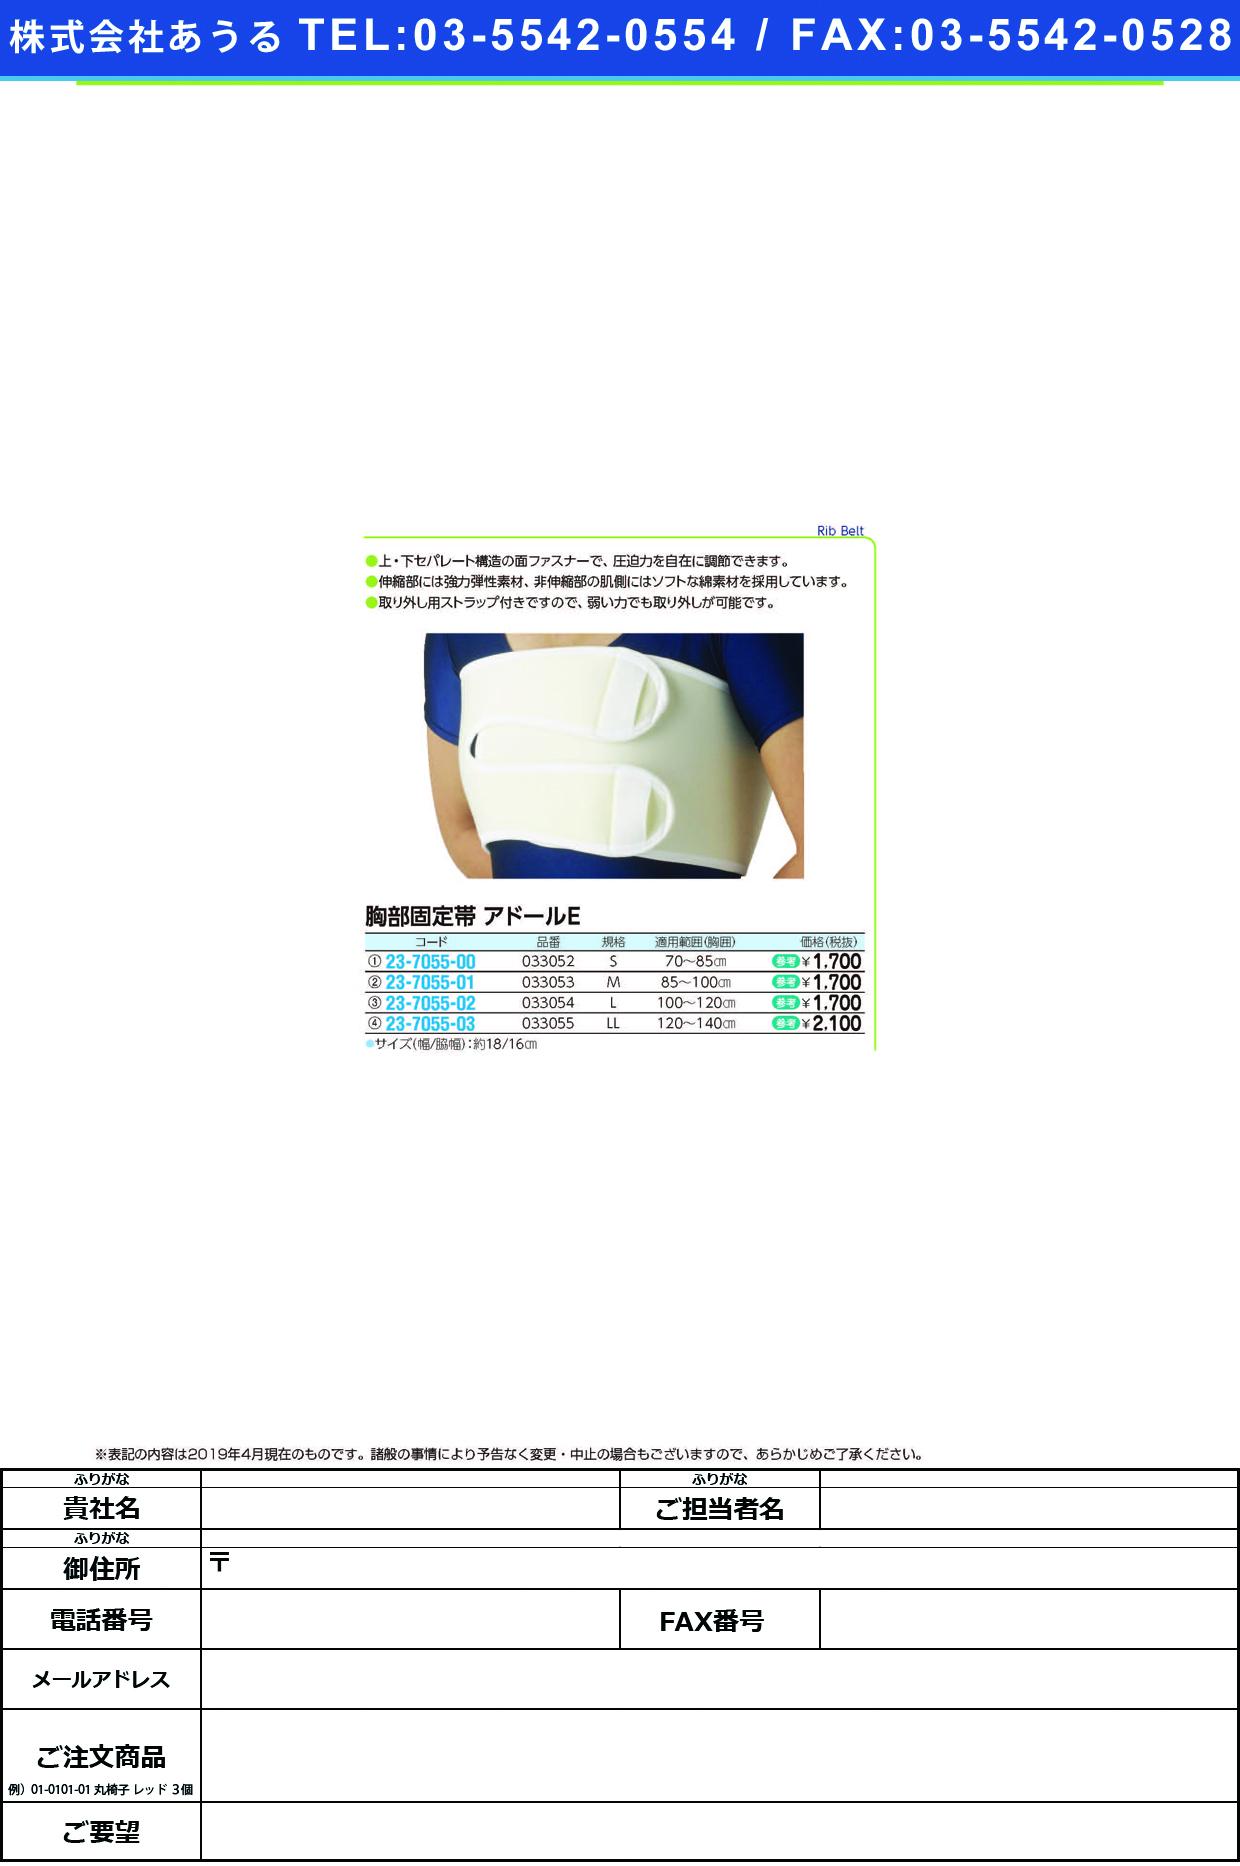 (23-7055-01)アドールE 033053(M) アドールE(竹虎)【1枚単位】【2019年カタログ商品】